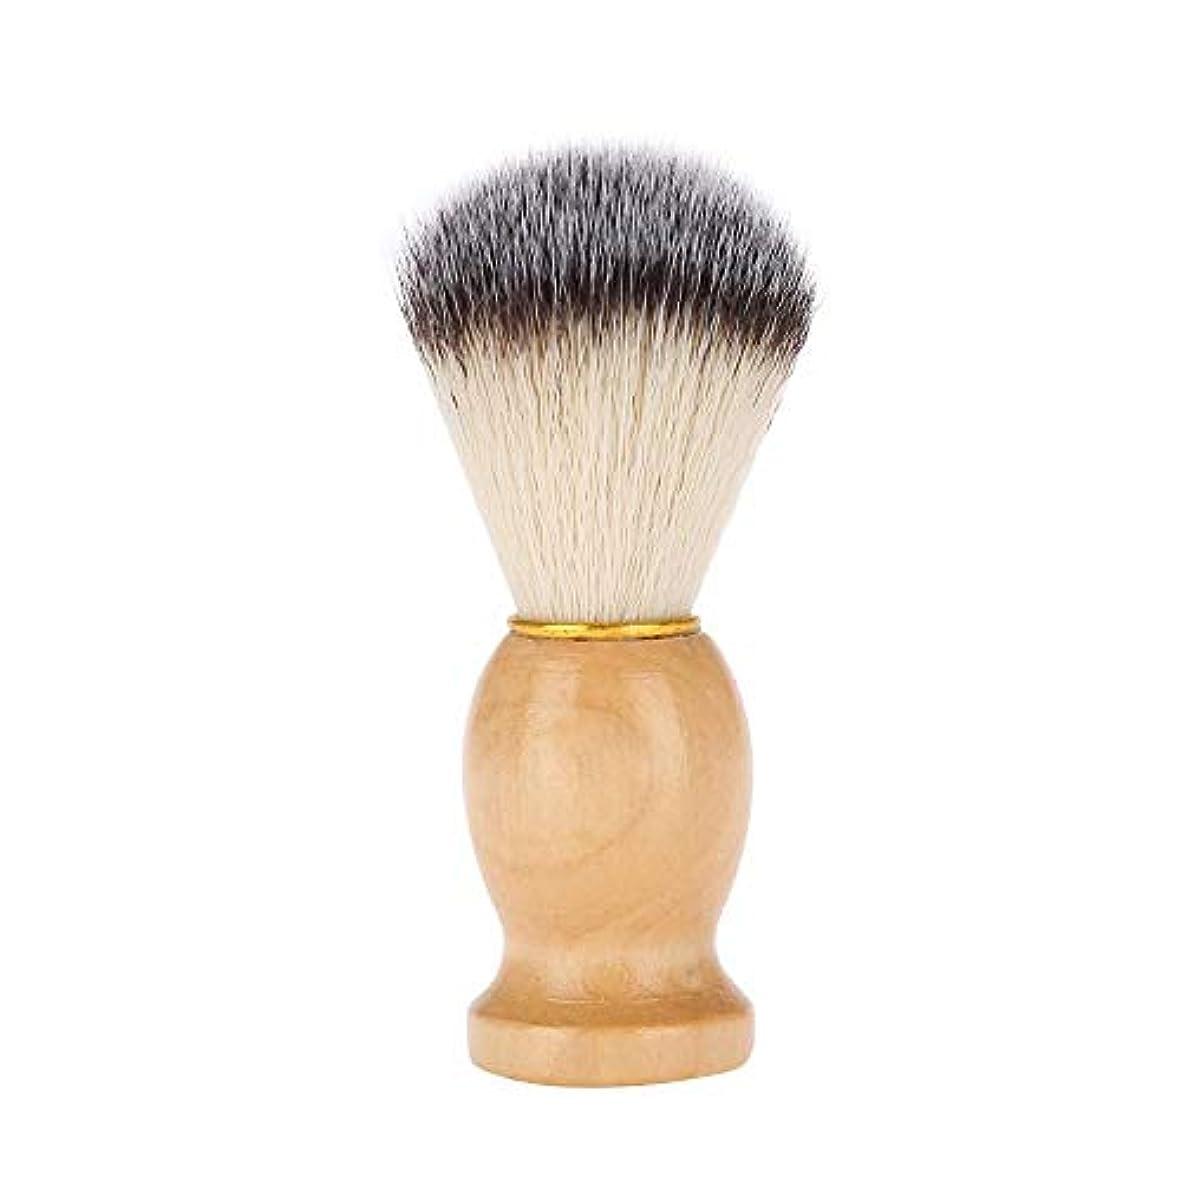 変動するトロリーバスジャズシェービングブラシ、髭清掃美容カバー  理髪ブラシ メンズグルーミングツー ル ひげ剃りブラシ メイクアップバーバーサロン 家庭用 旅行用 男性 贈り物